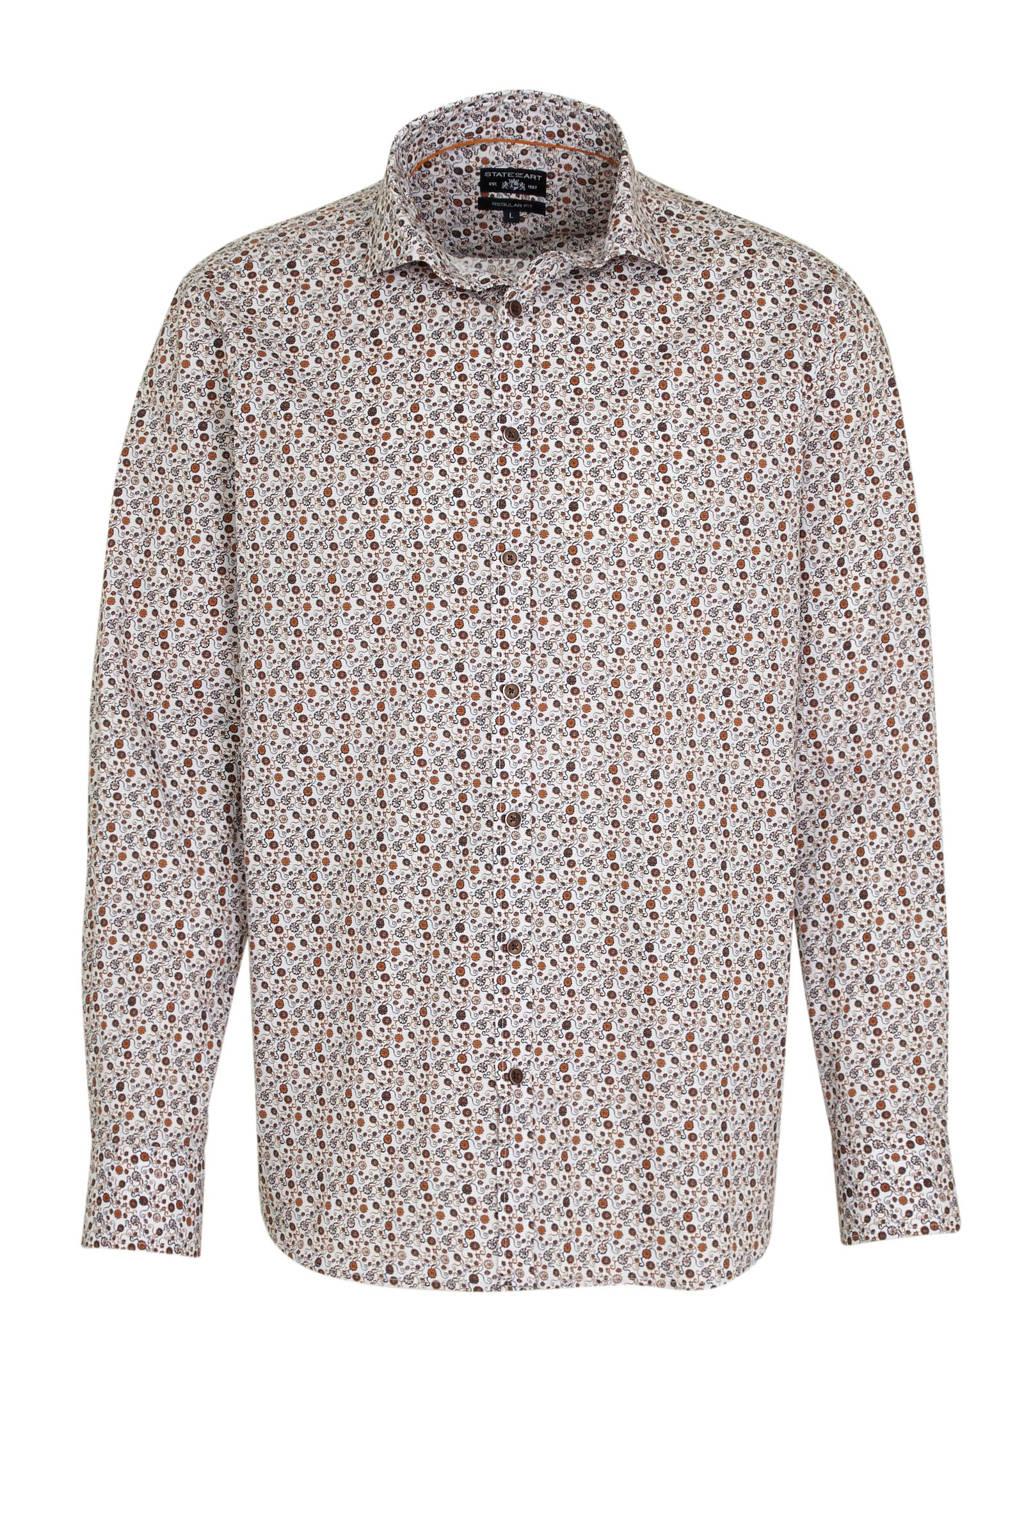 State of Art regular fit overhemd met all over print bruin, Bruin